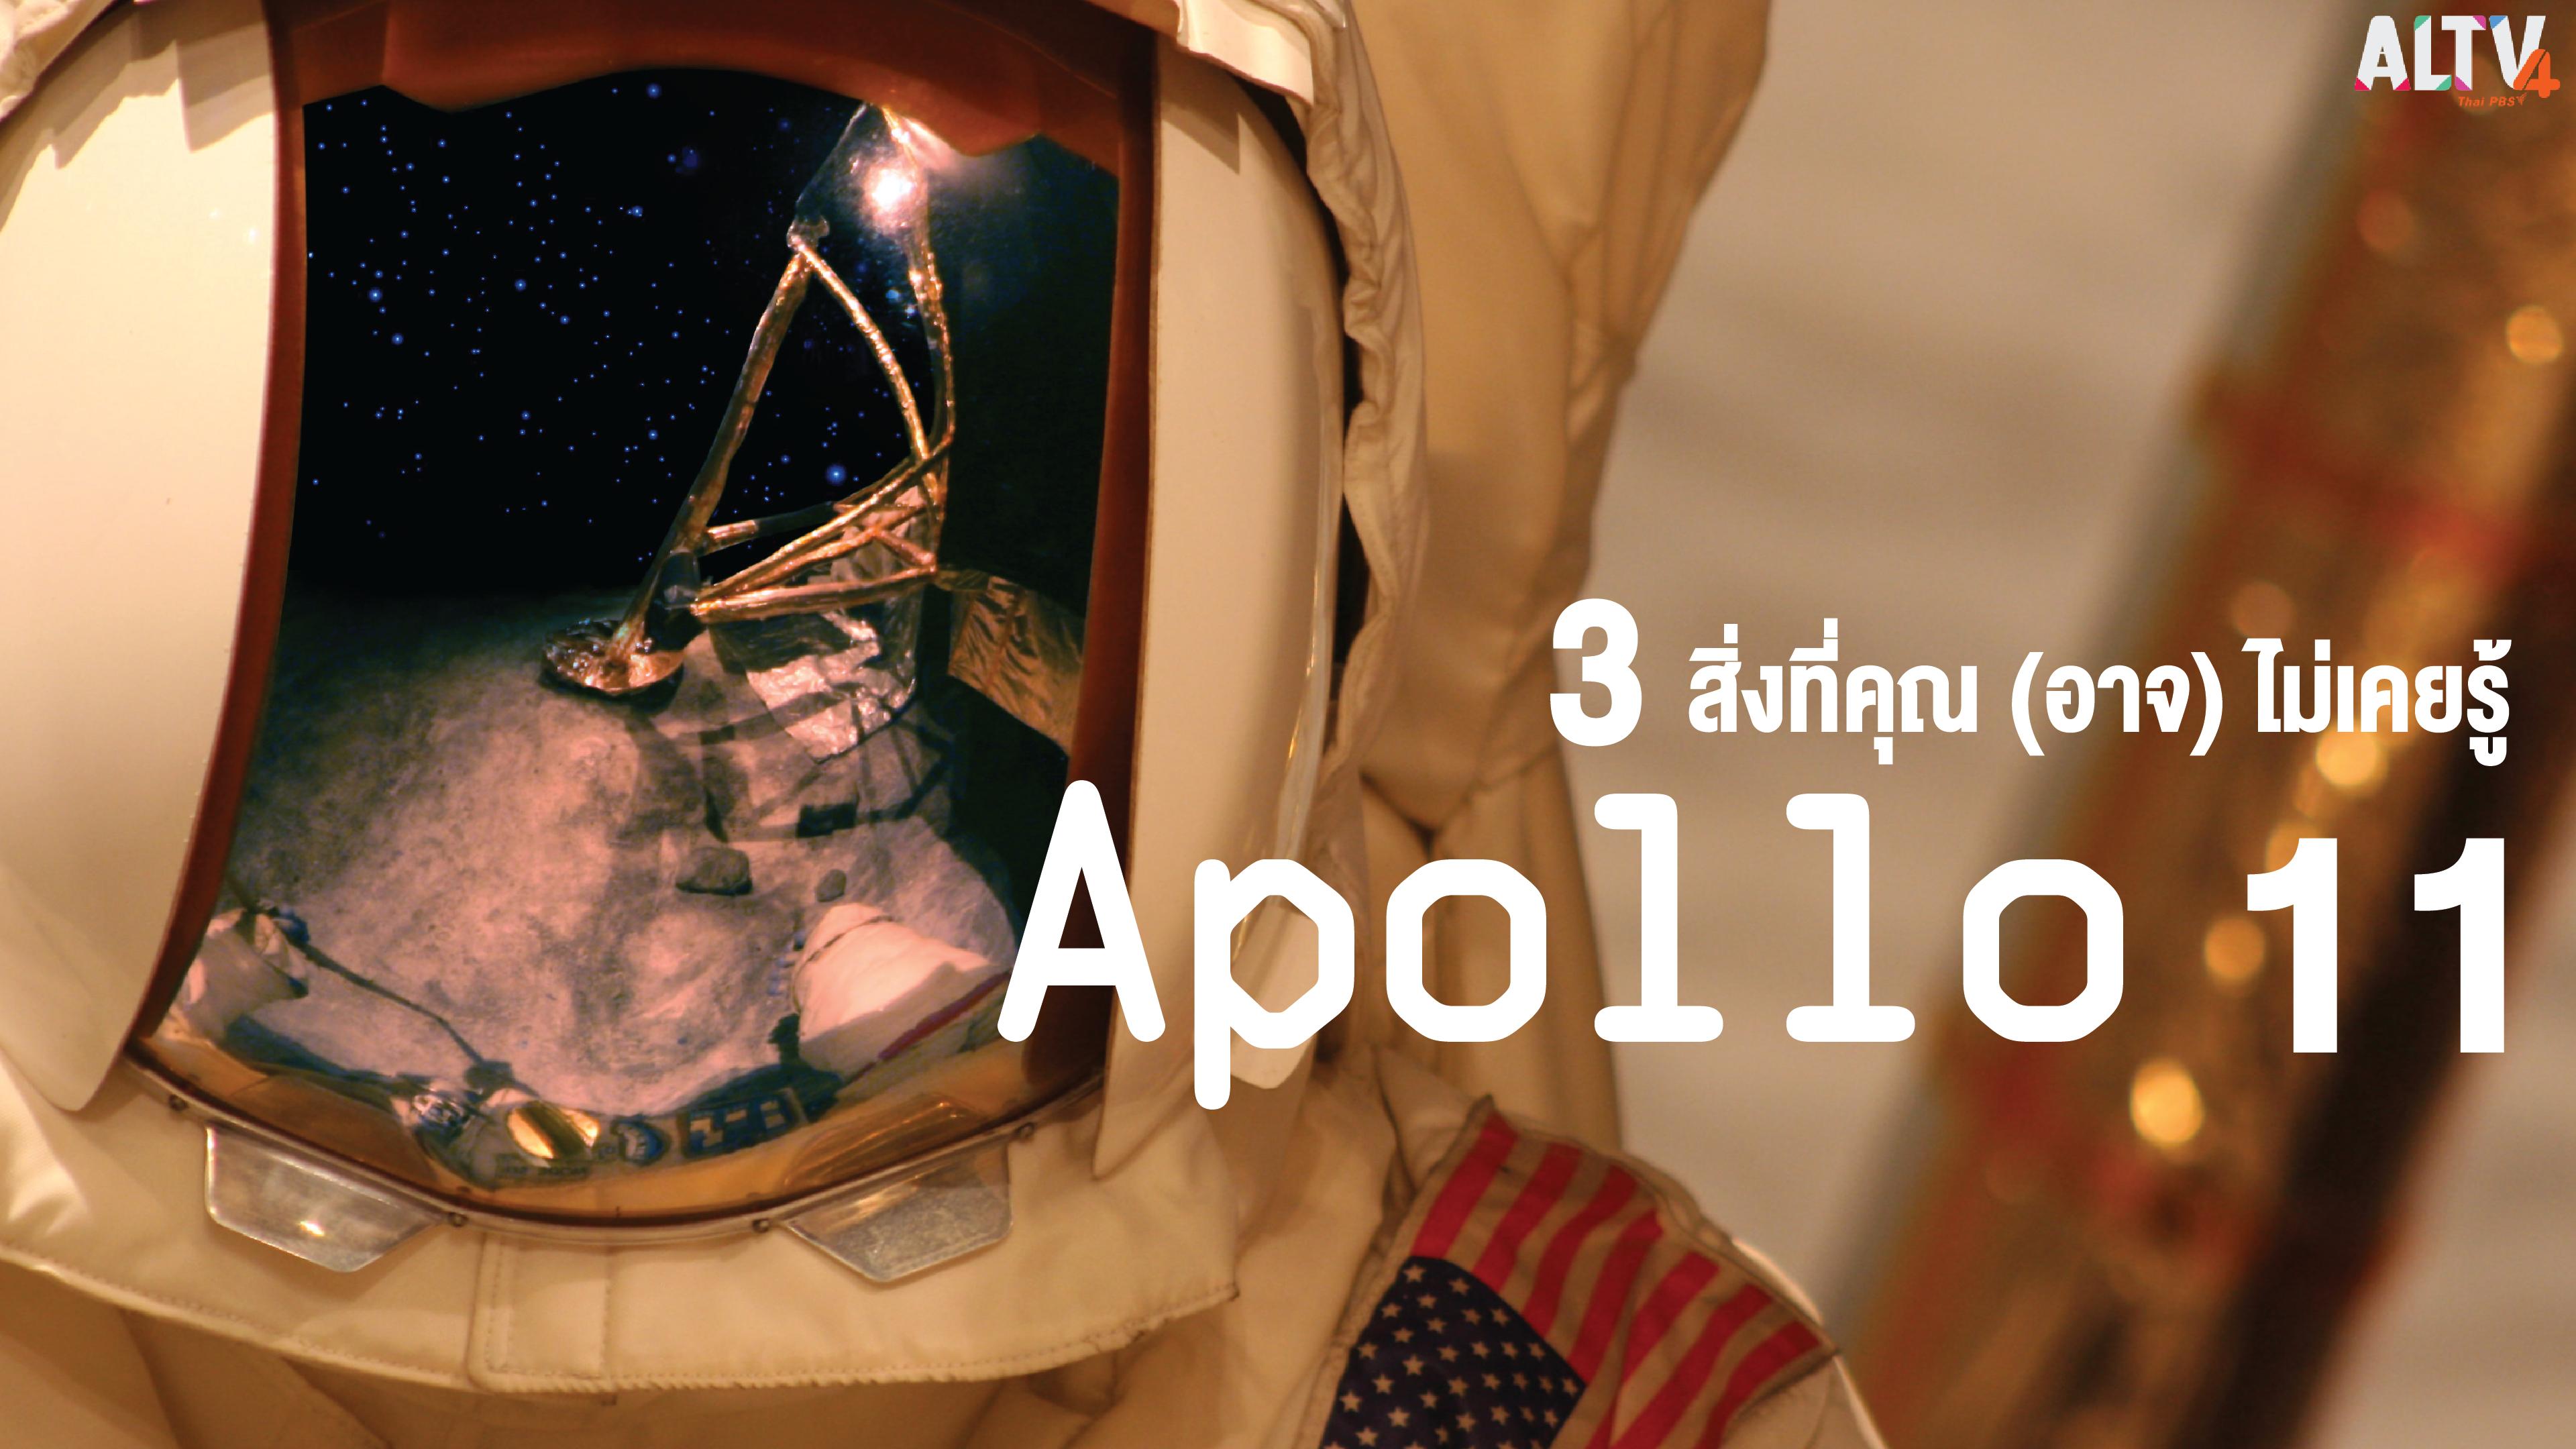 3 สิ่งที่คุณ(อาจ)ไม่เคยรู้เกี่ยวกับApollo 11